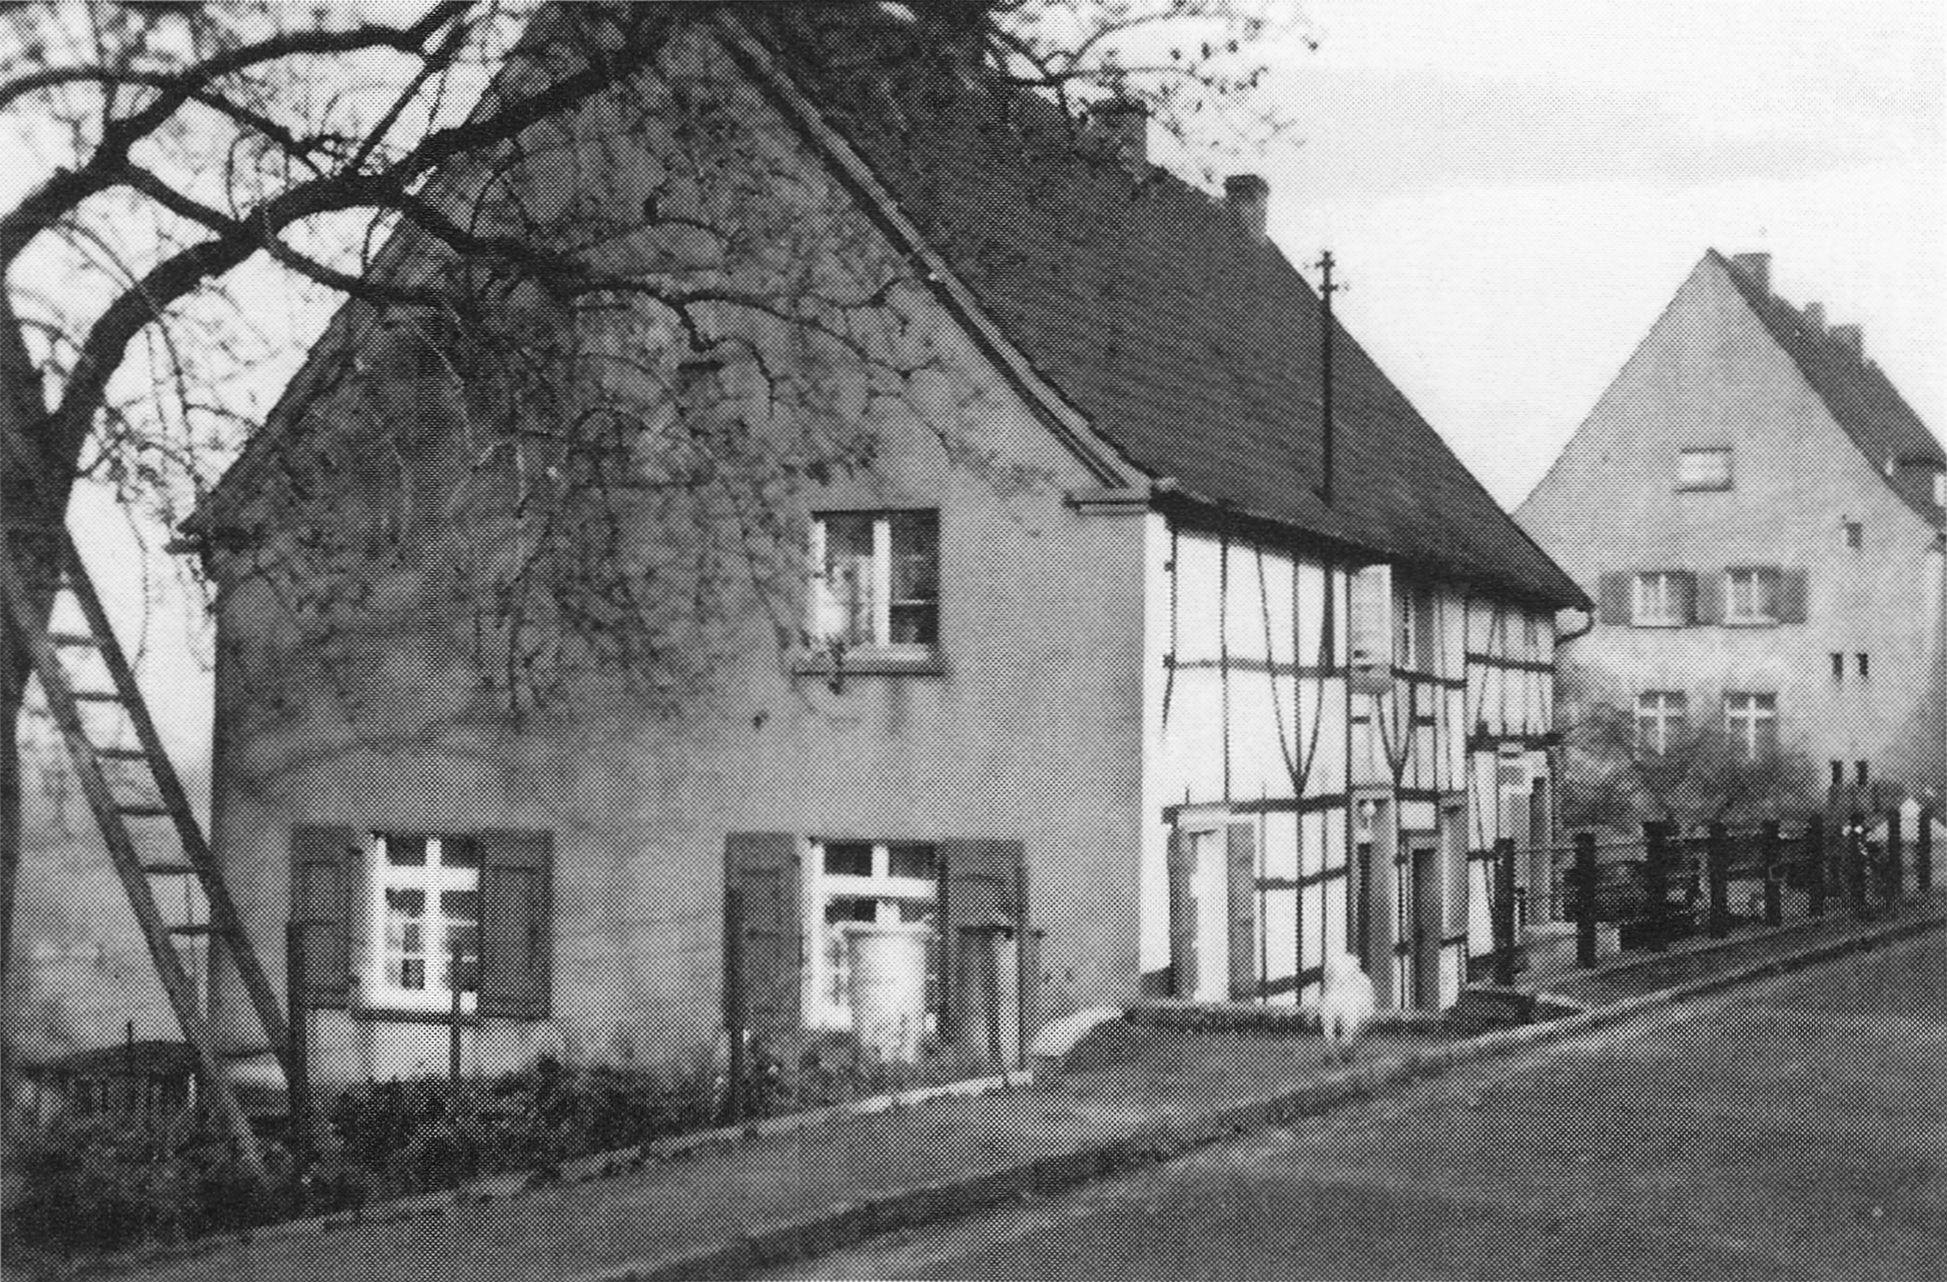 Der ehemalige Haarmann'sche Kotten, heute befinden sich dort die Häuser Rautenbergstraße 24 und 26 Foto: Archiv W. Dickten